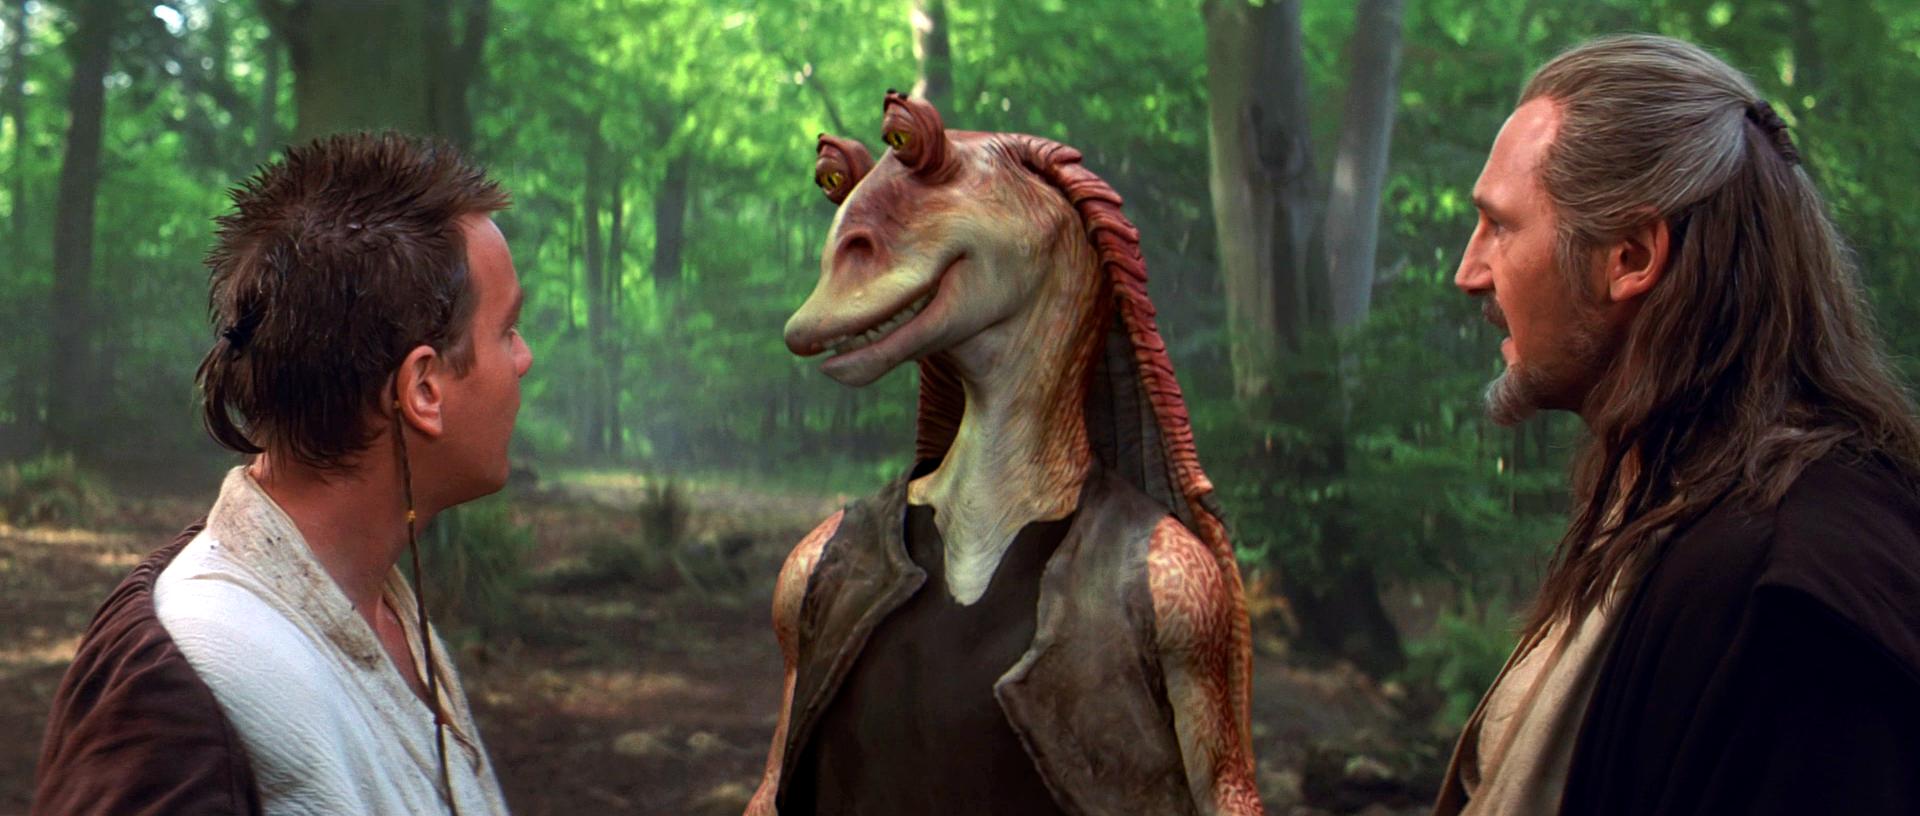 Obi-Wan Kenobi, Jar Jar Binks und Qui-Gon Jinn im Gespräch in Star Wars Episode I - Die Dunkle Bedrohung